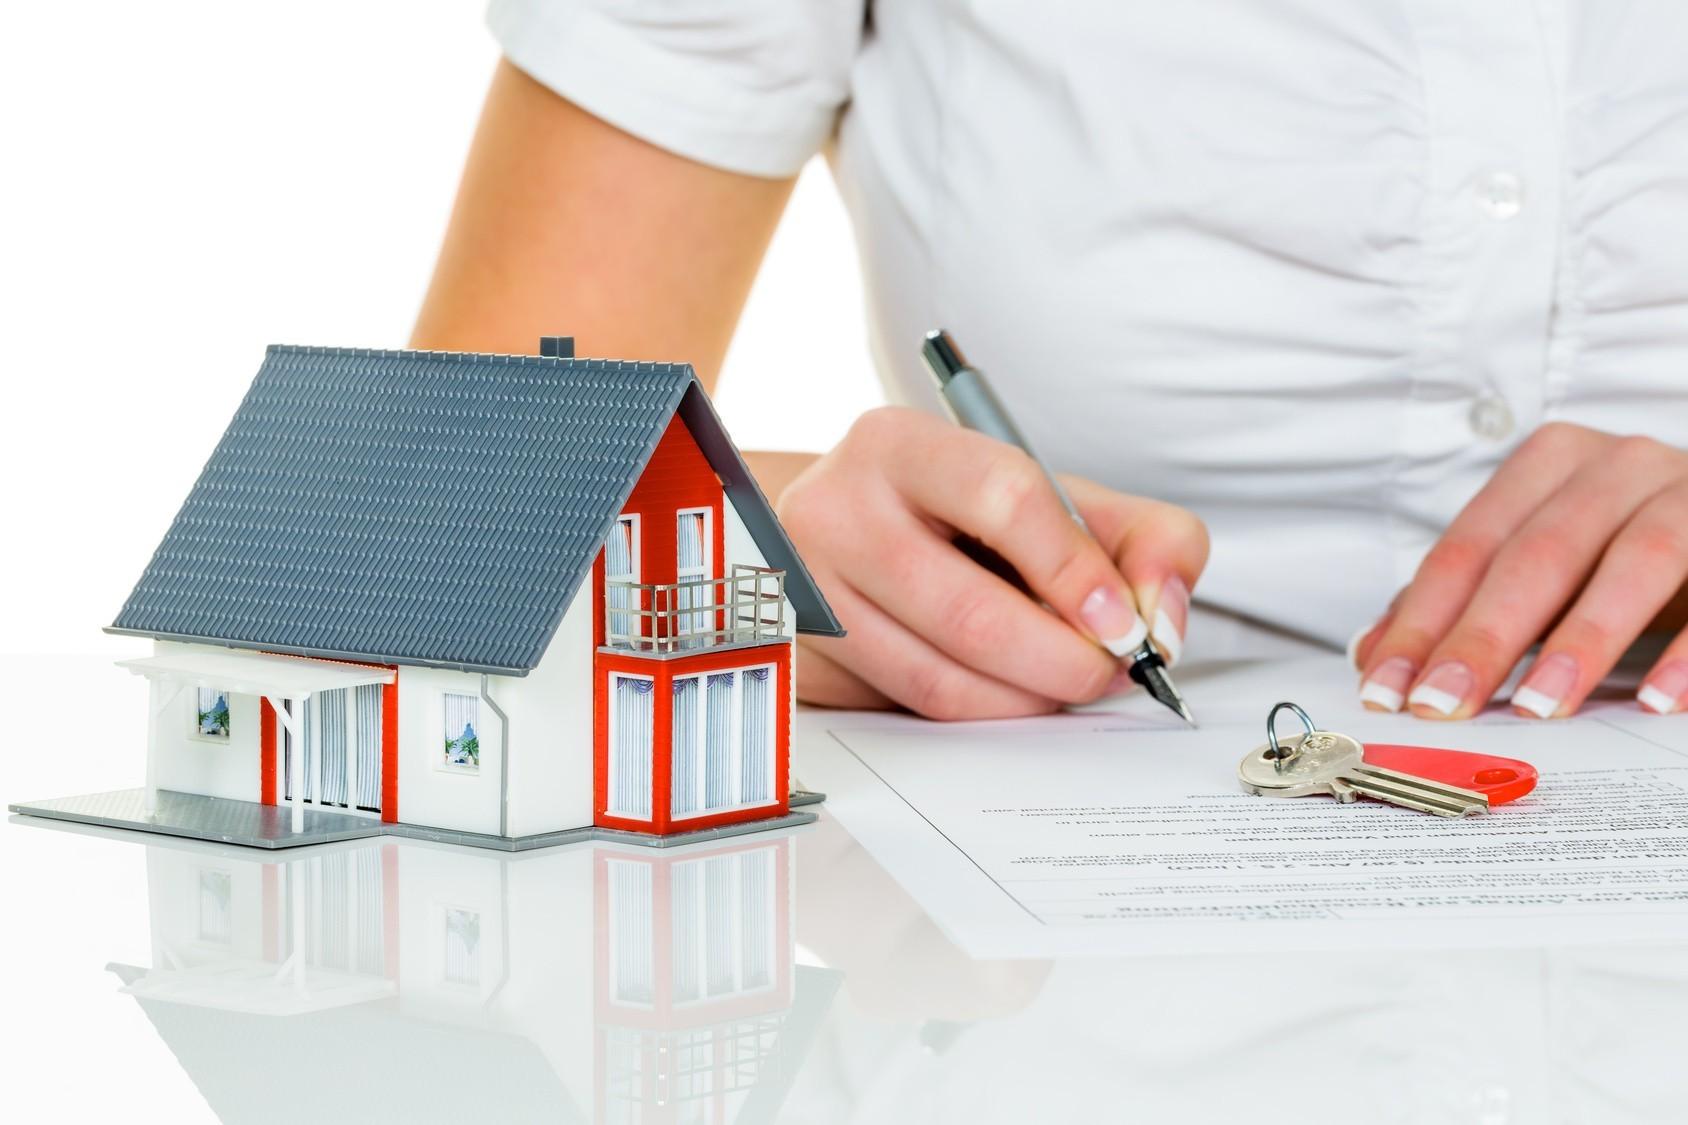 Peste 2 mii de persoane, care dau în chirie bunuri imobile, au înregistrat contractele la Fisc